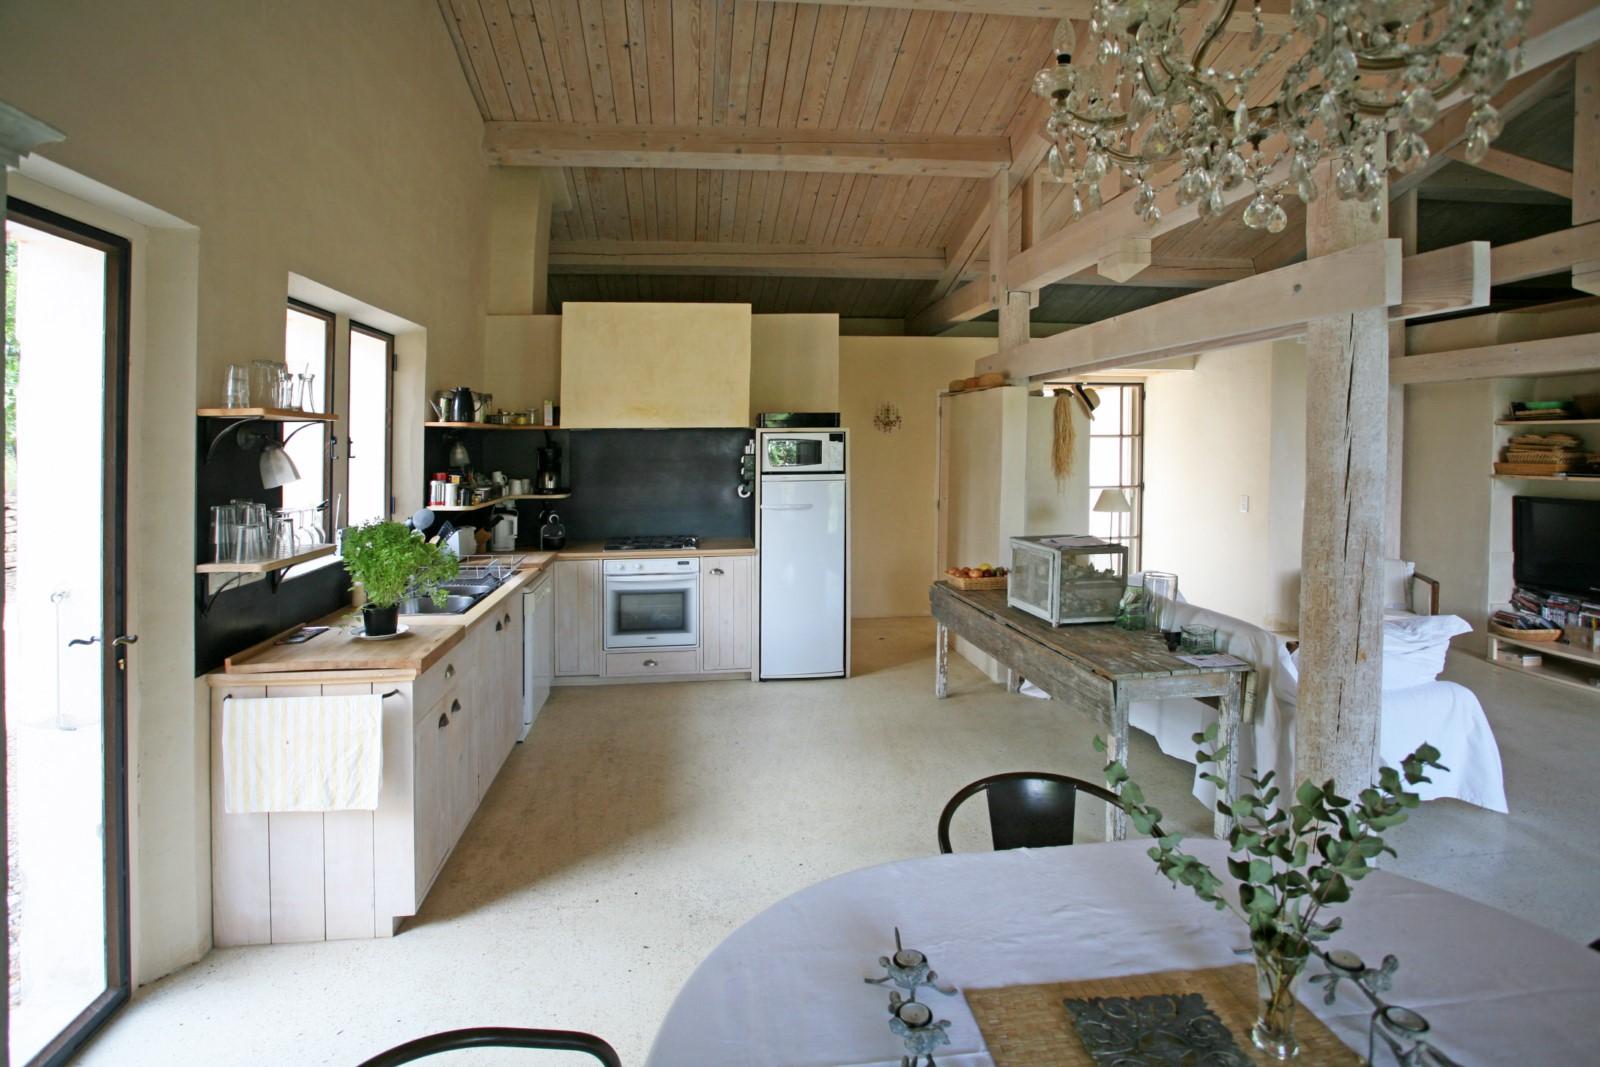 A louer pour des vacances reposantes en Provence,